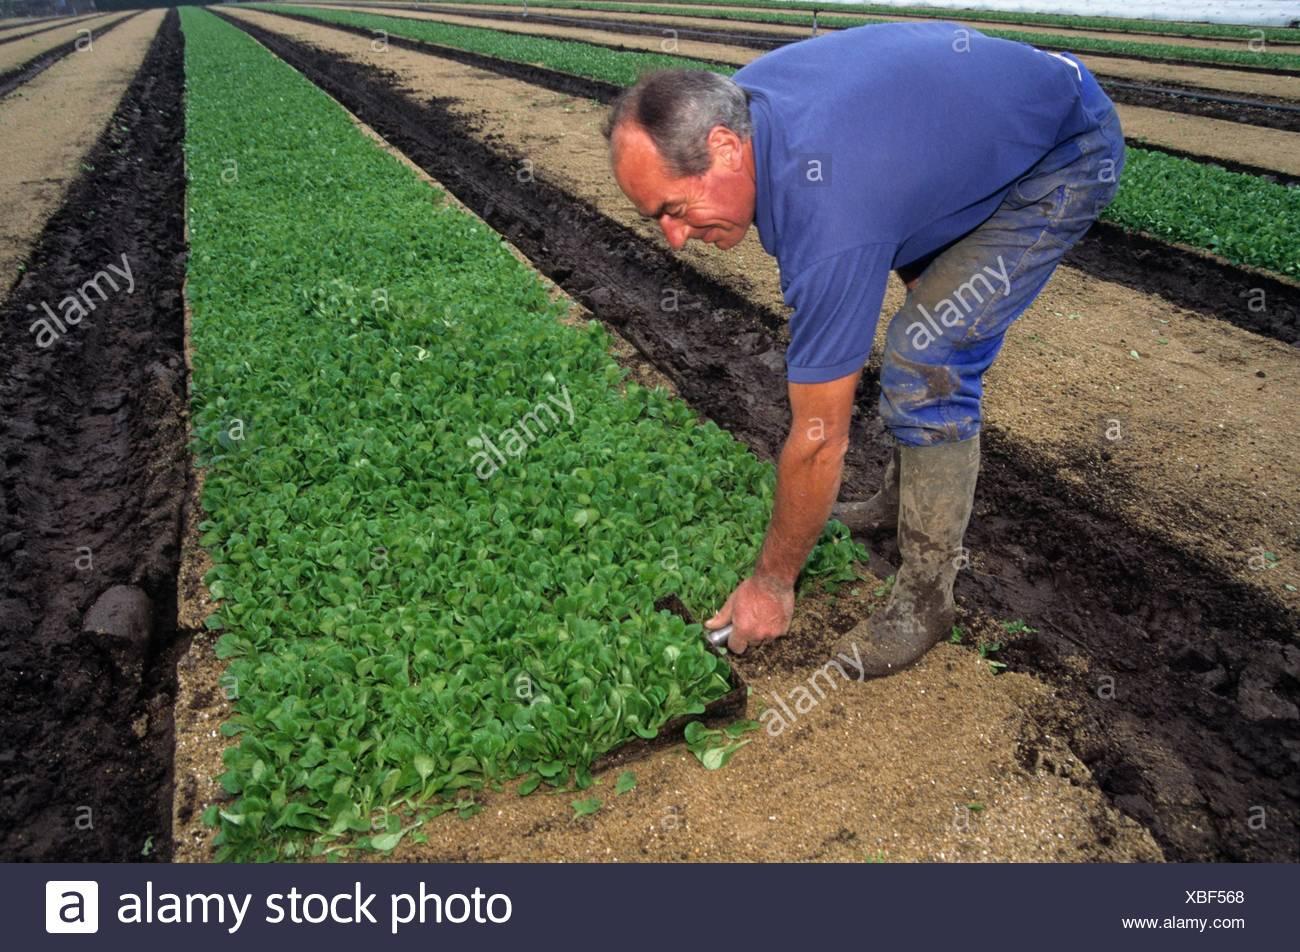 coupe manuelle, agriculture maraichere de mache (Valerianella locusta), region de Nantes, departement de Loire-Atlantique, region Pays de la Loire, Stock Photo